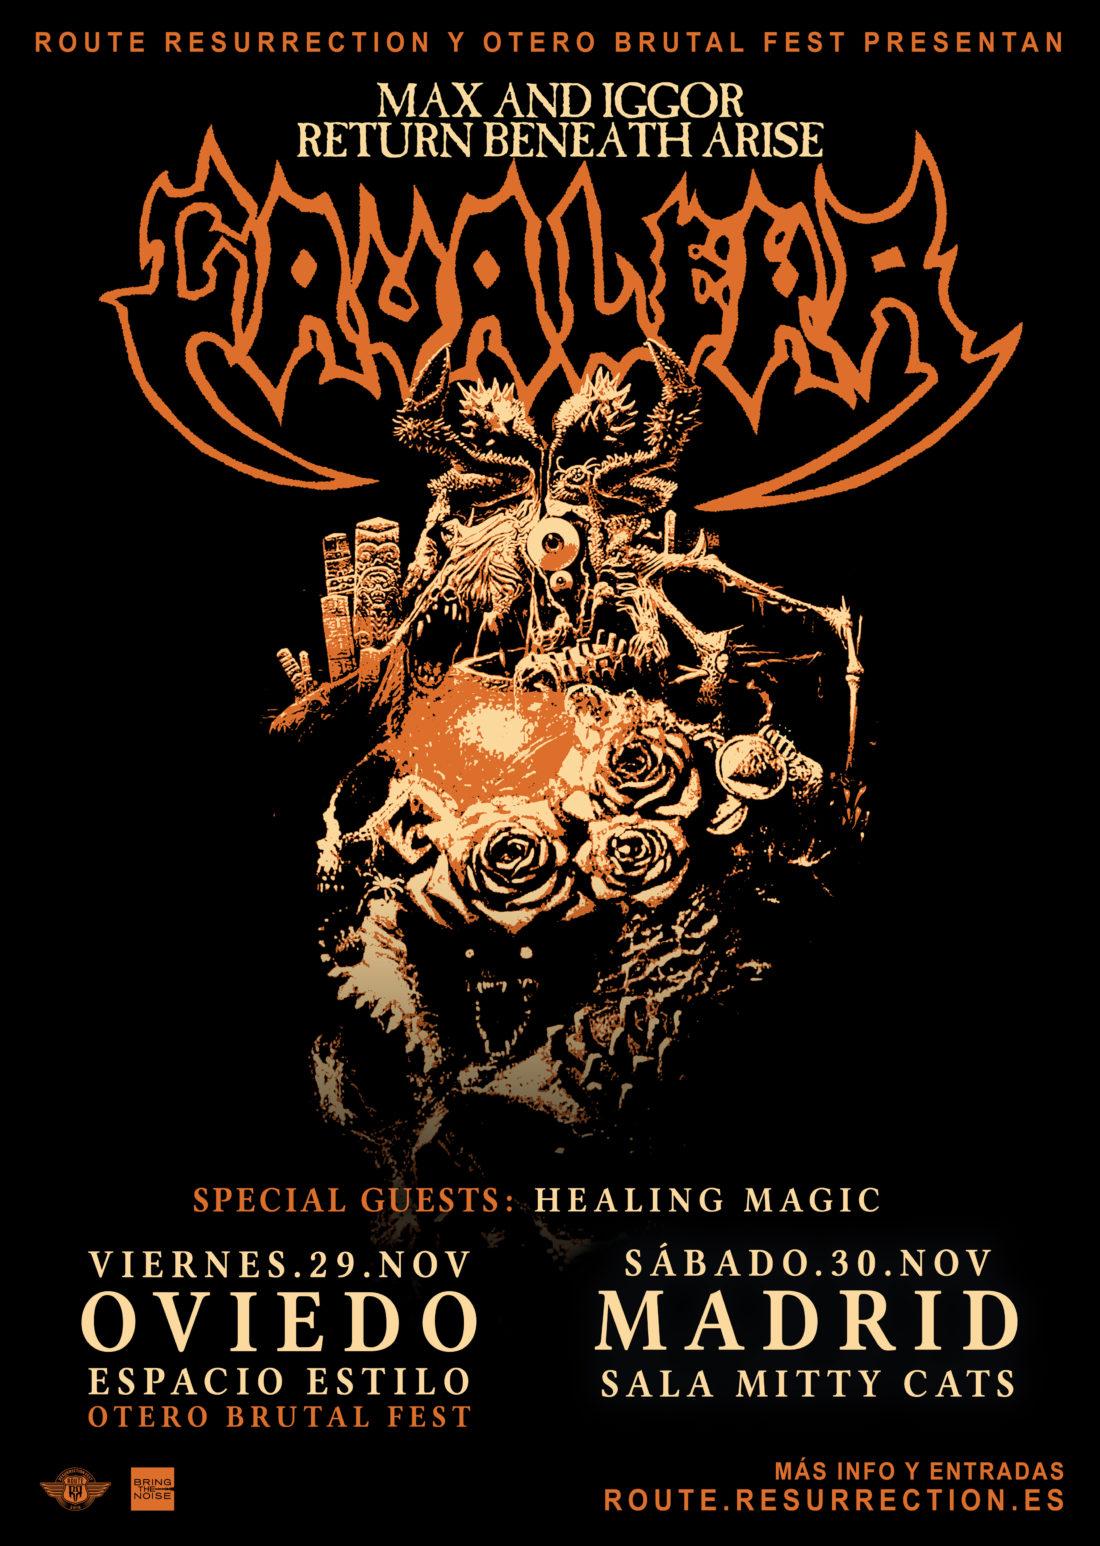 Sepultura y el thrash en general (que no solo se cuecen habas en SF) - Página 12 Max-Iggor-Cavalera-Return-Beneath-Arise-Spain-2019-Poster-1-1100x1546